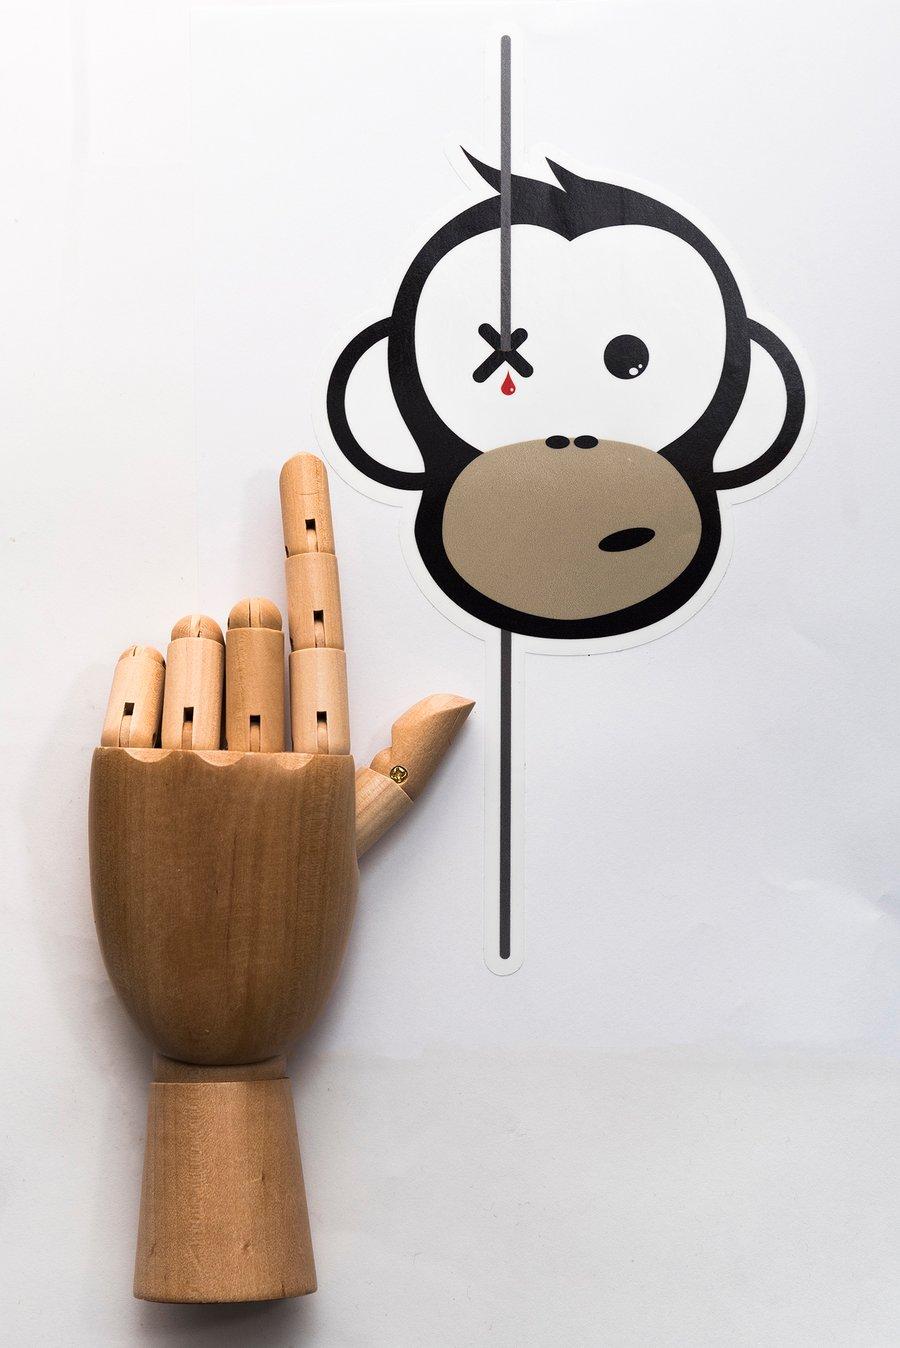 Image of Monkey Climber Logo car sticker I Small - Medium - Large